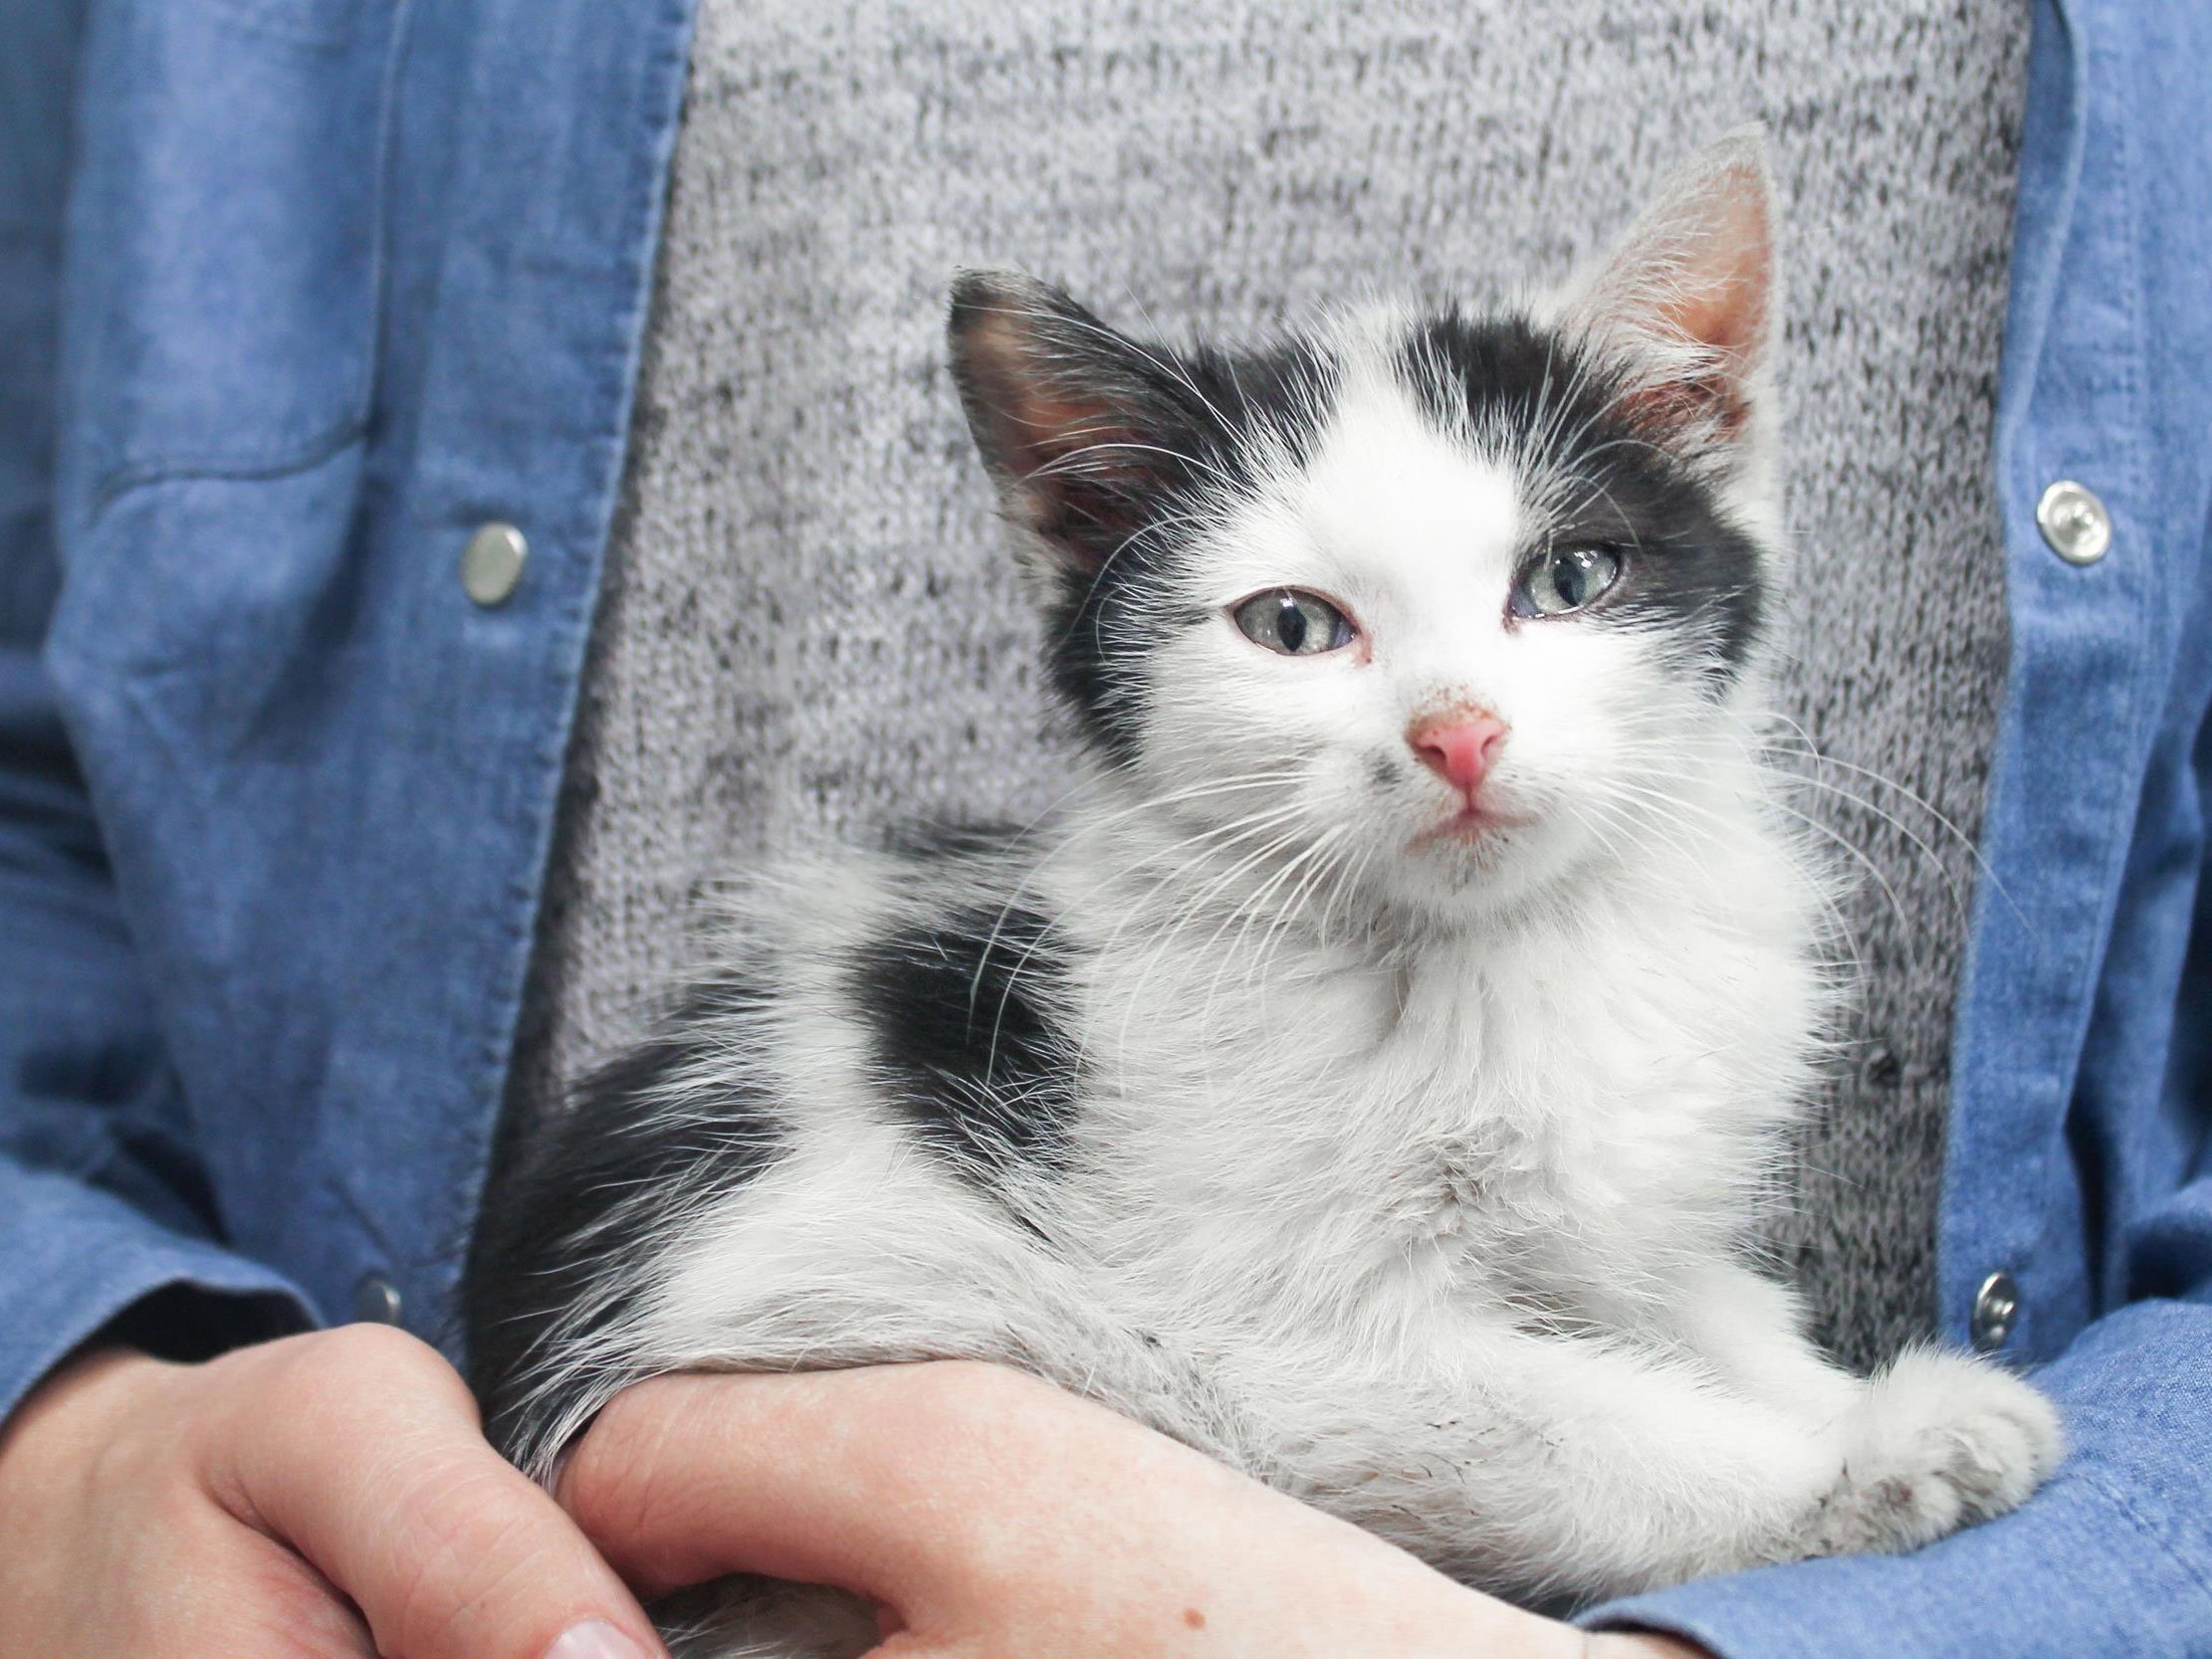 Gerettet und zum Tierschutzverein gebracht: Der kleine Kater Finn